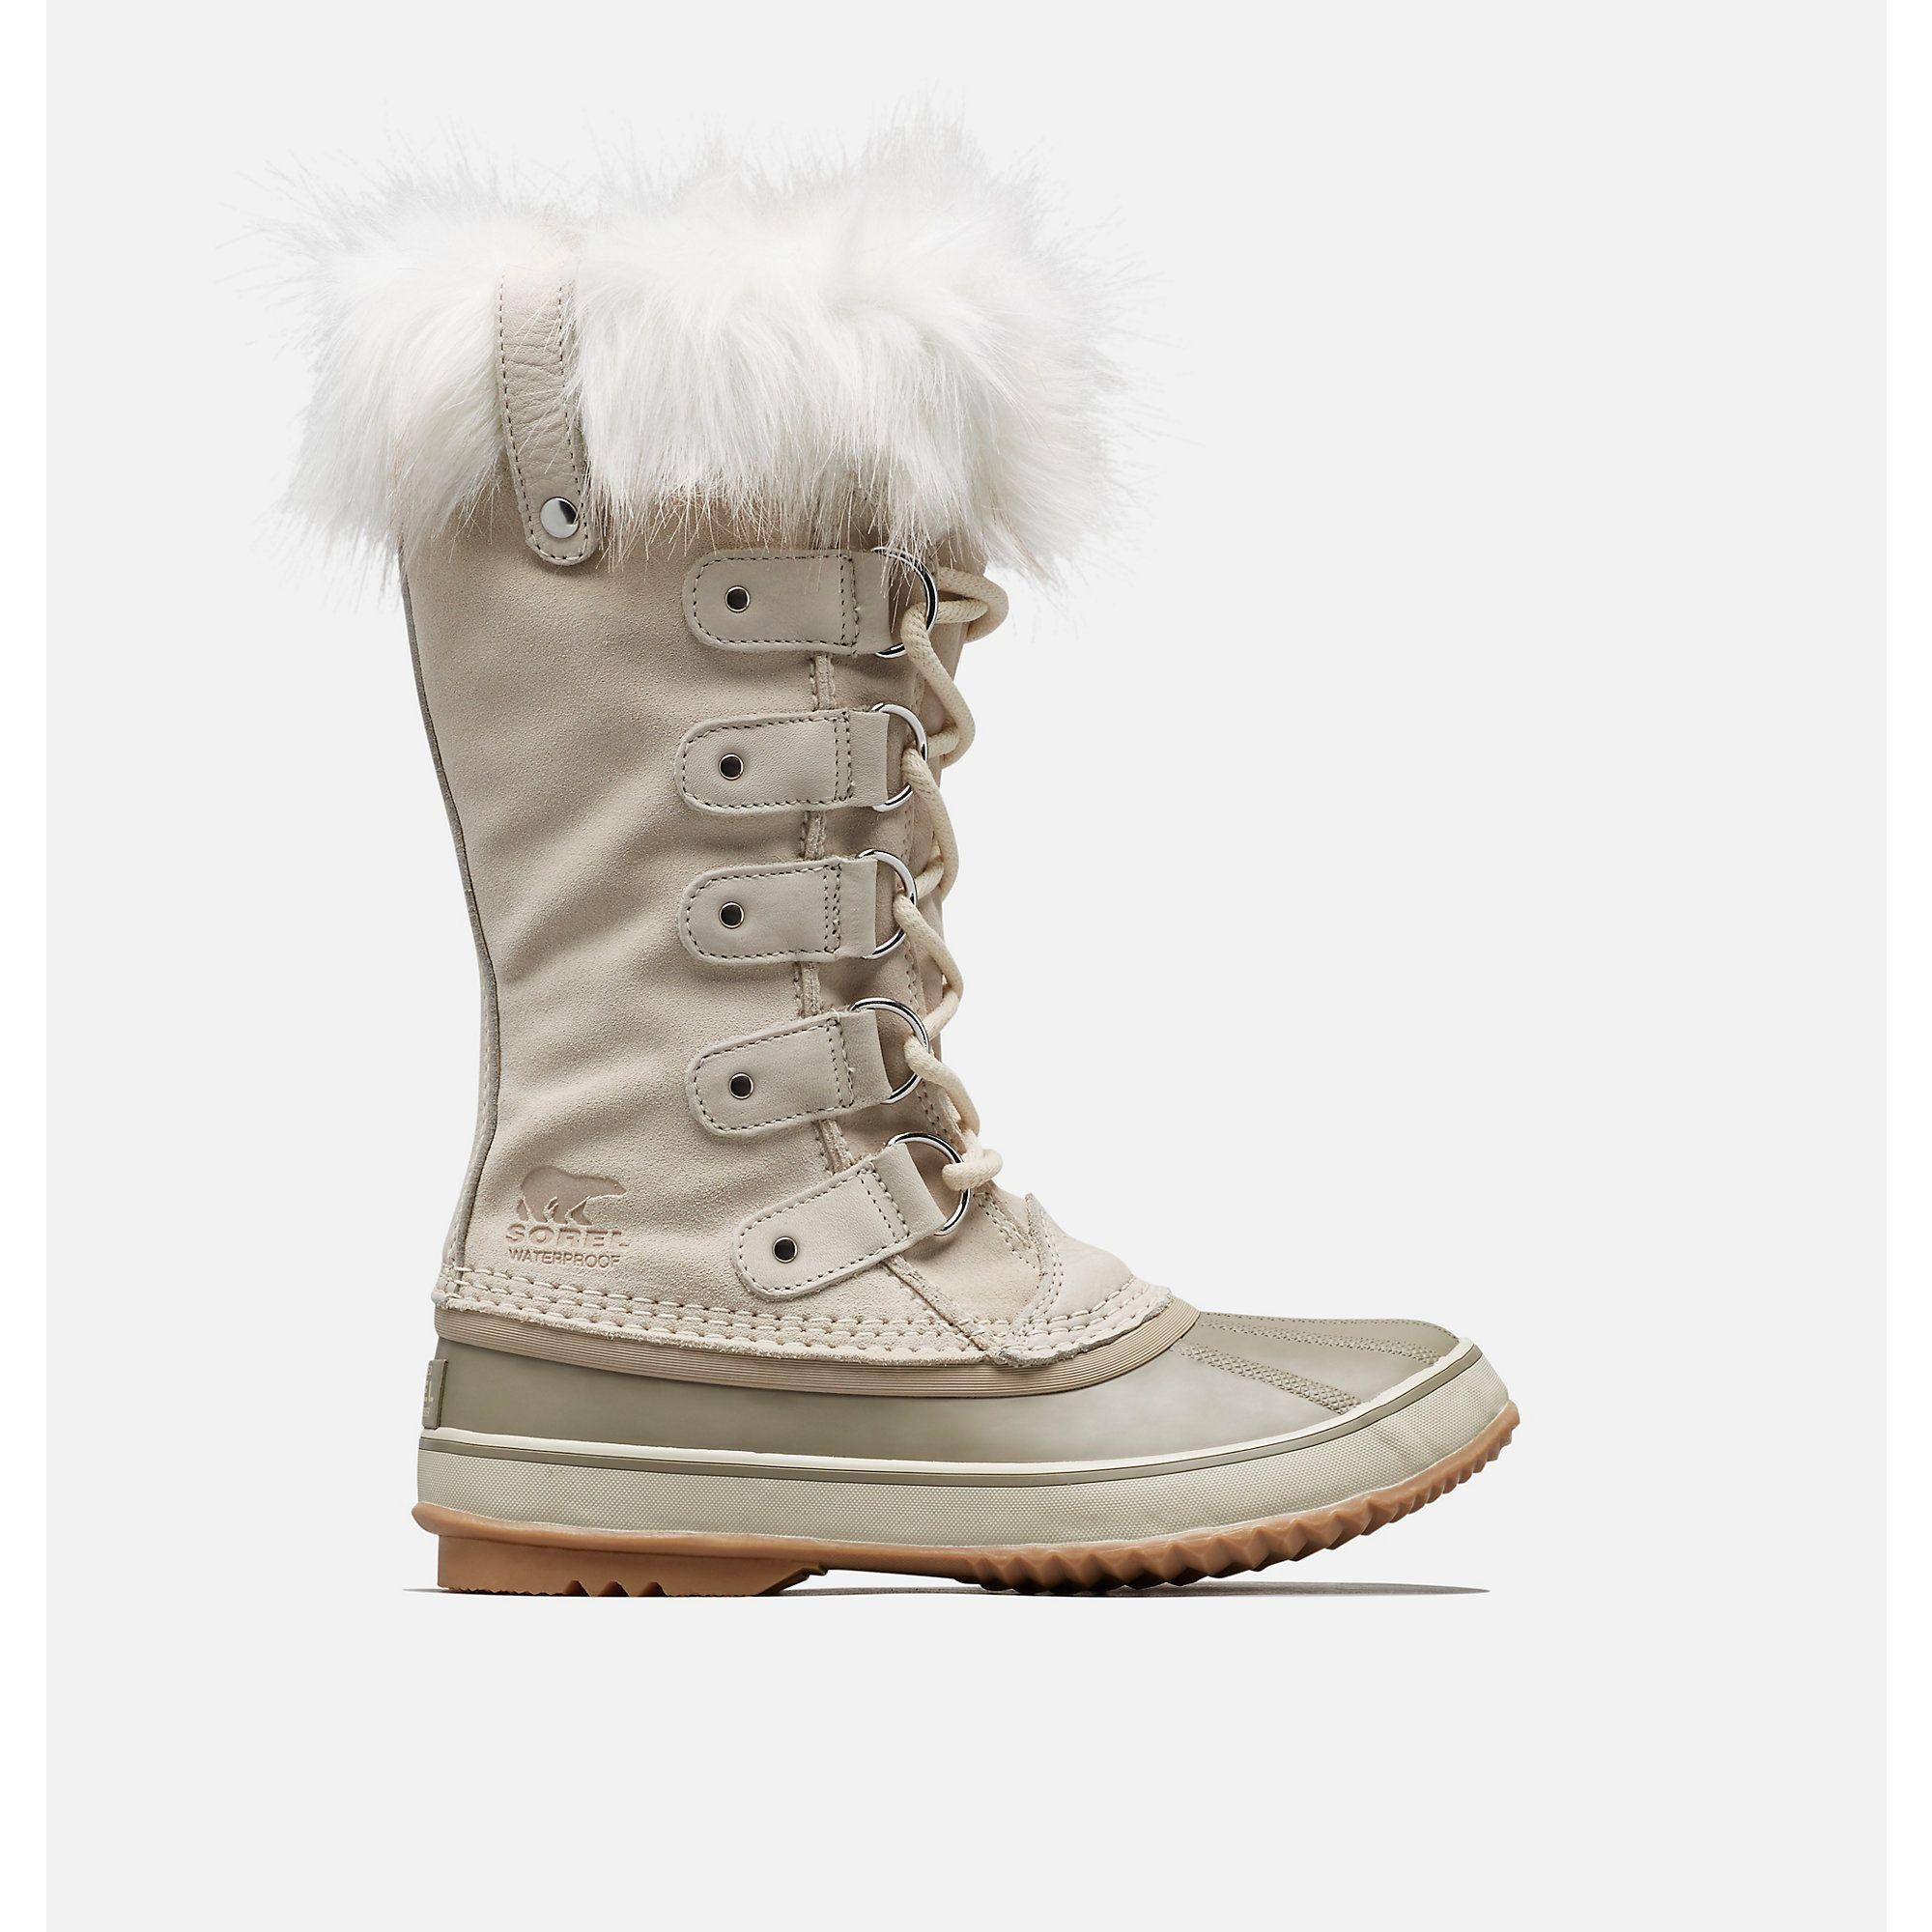 477fd9585c4f SOREL Women s Boots - SOREL JOAN OF ARCTIC